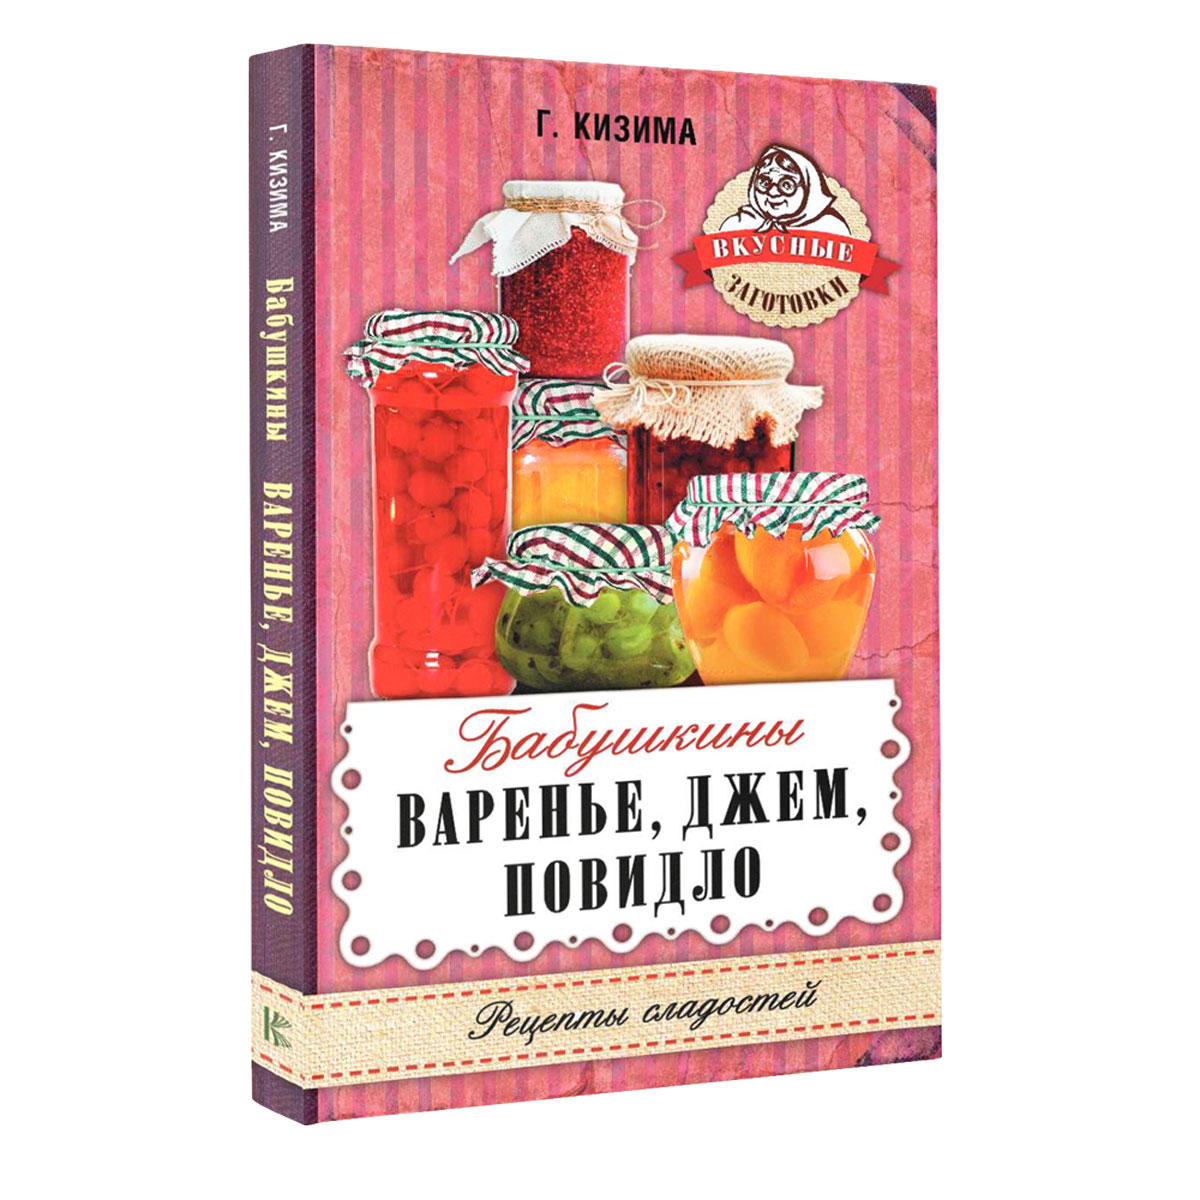 Г. Кизима Бабушкины варенье, джем, повидло кизима г варенья джемы повидло рецепты сладостей из вашего урожая